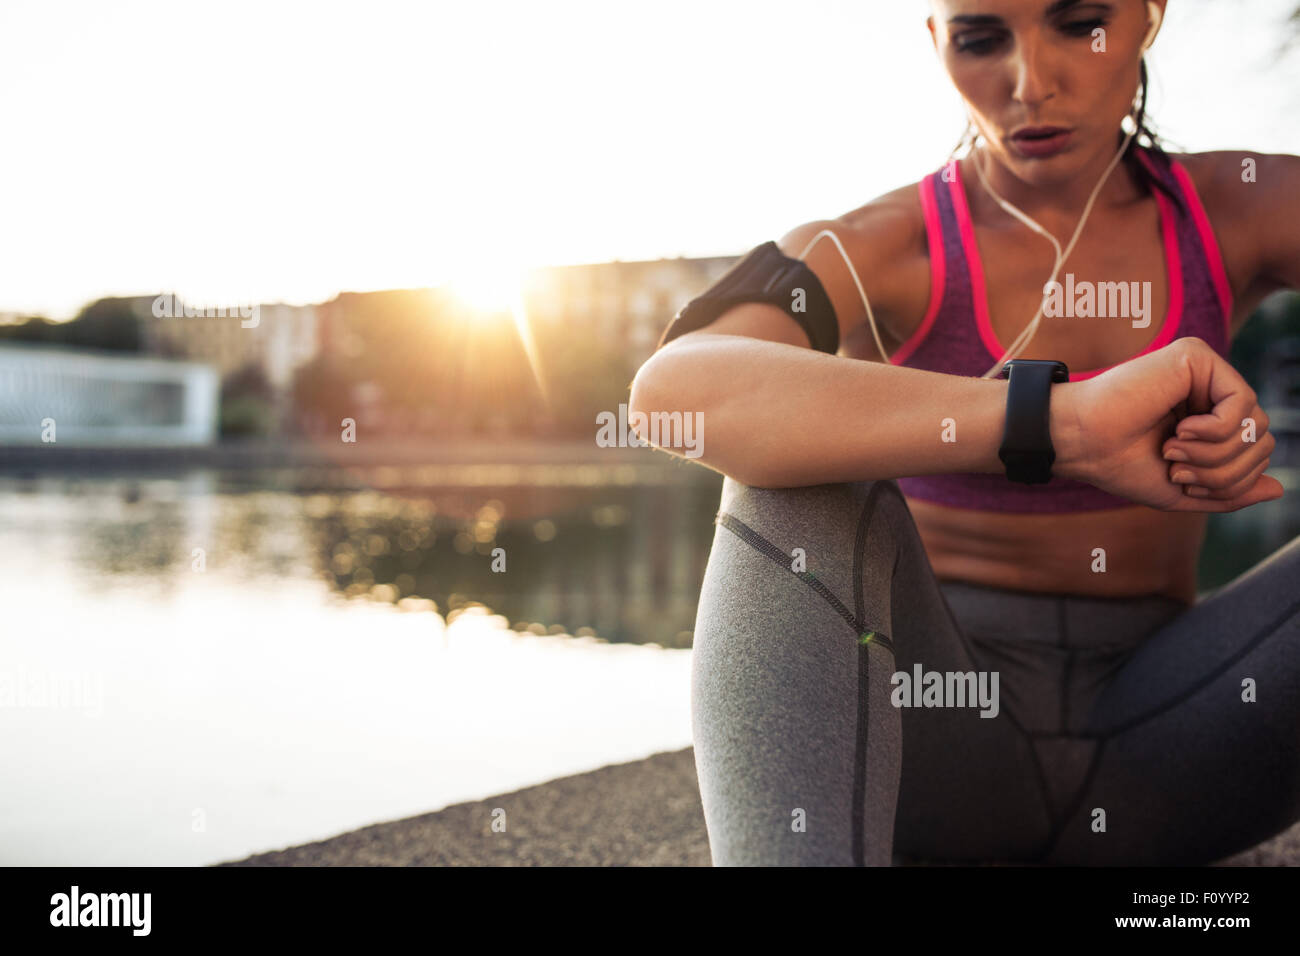 Bella giovane donna seduti all'aperto utilizzando un smartwatch per monitorare i suoi progressi. Femmina caucasica Immagini Stock